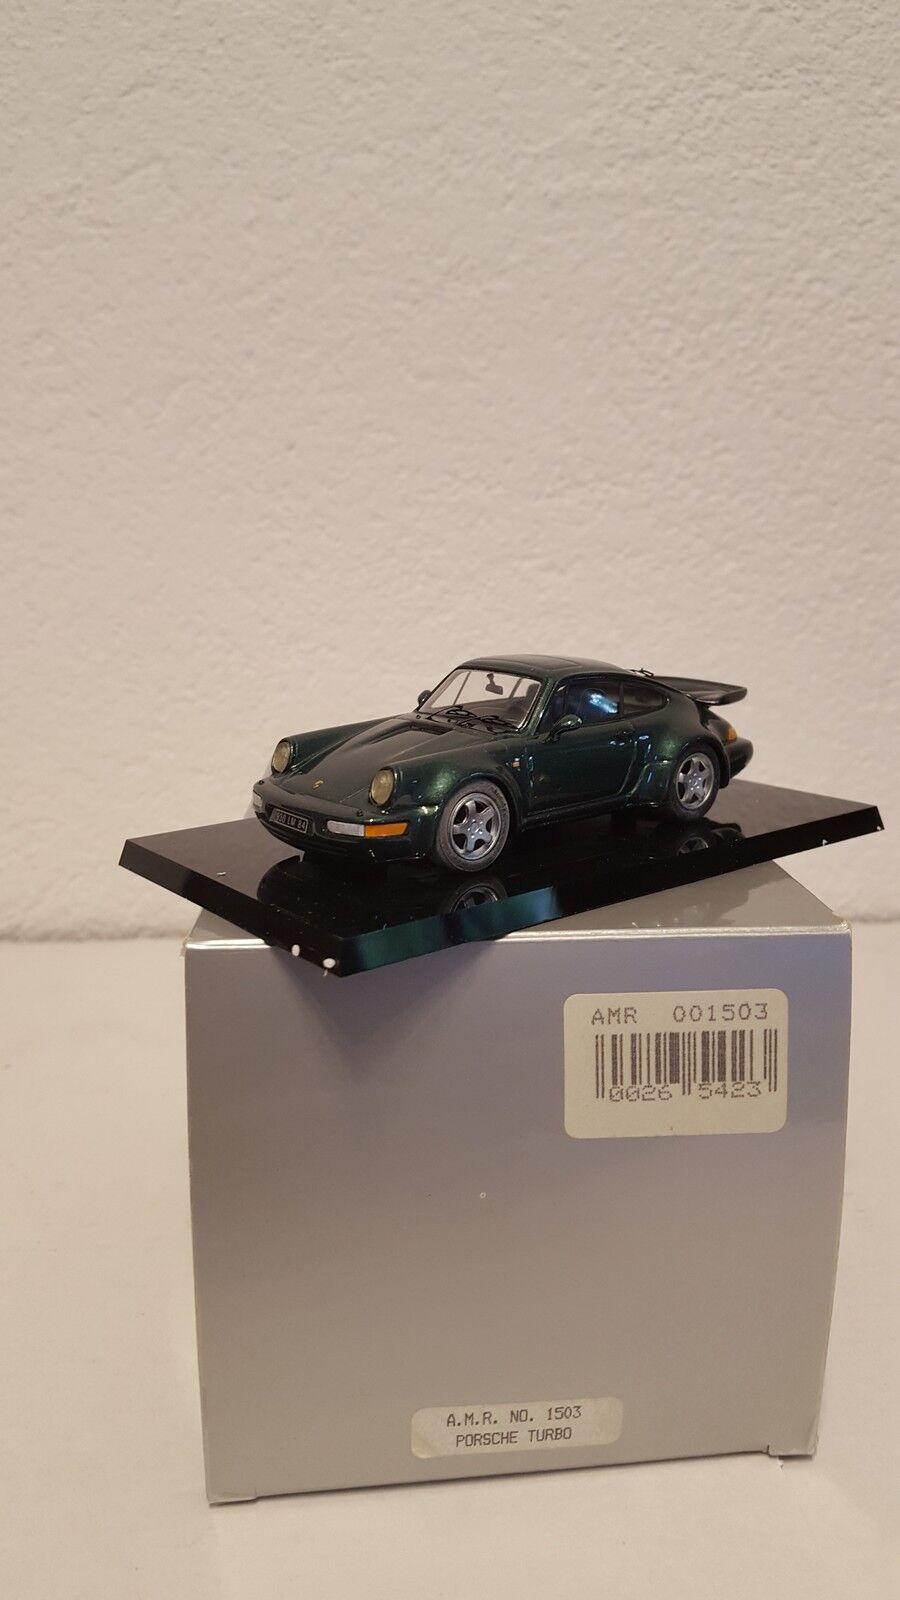 AMR - Serie -  PORSCHE TURBO  -AMR Nr. 1503